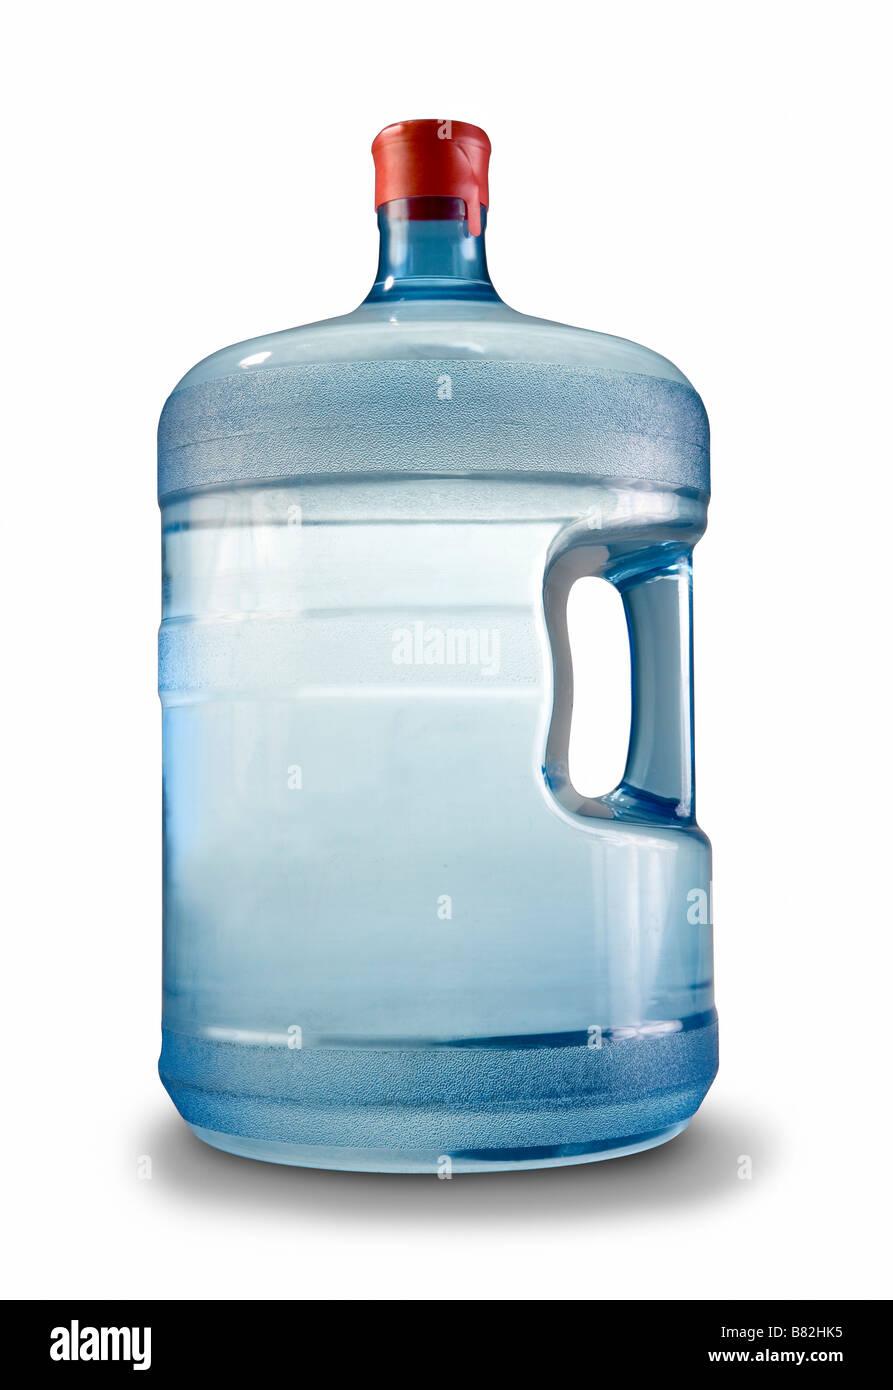 Une cruche d'eau de 5 gallons de printemps ou à l'eau purifiée à partir d'une entreprise Photo Stock